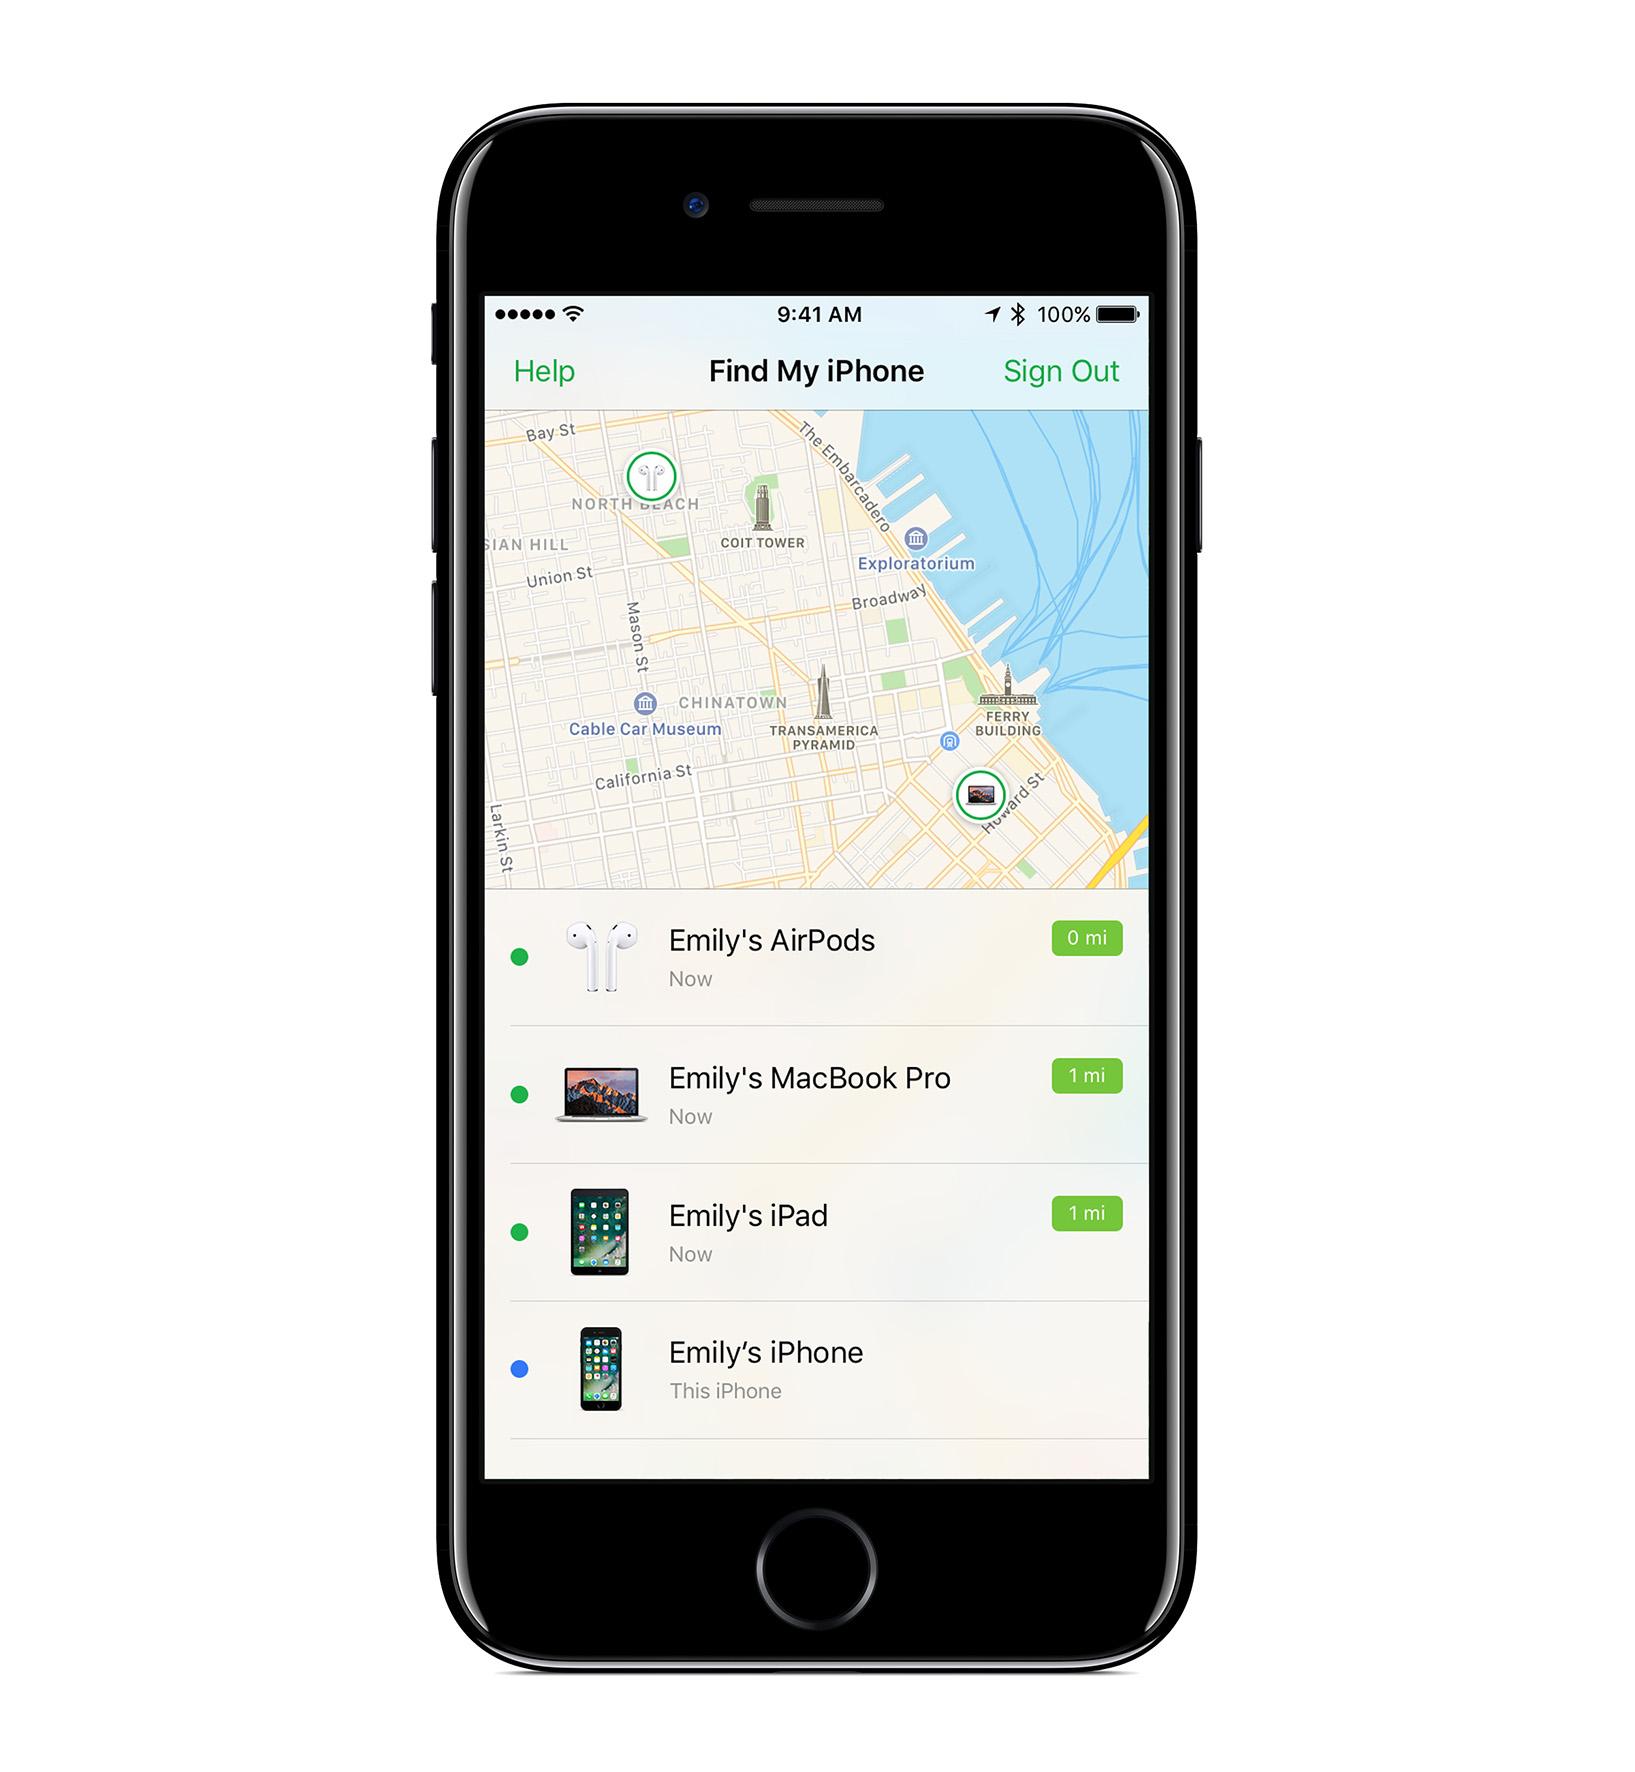 Apple: iOS 10.3 sucht nach verlorenen Airpods - Airpods-Suchfunktion in iOS 10.3 (Bild: Apple)